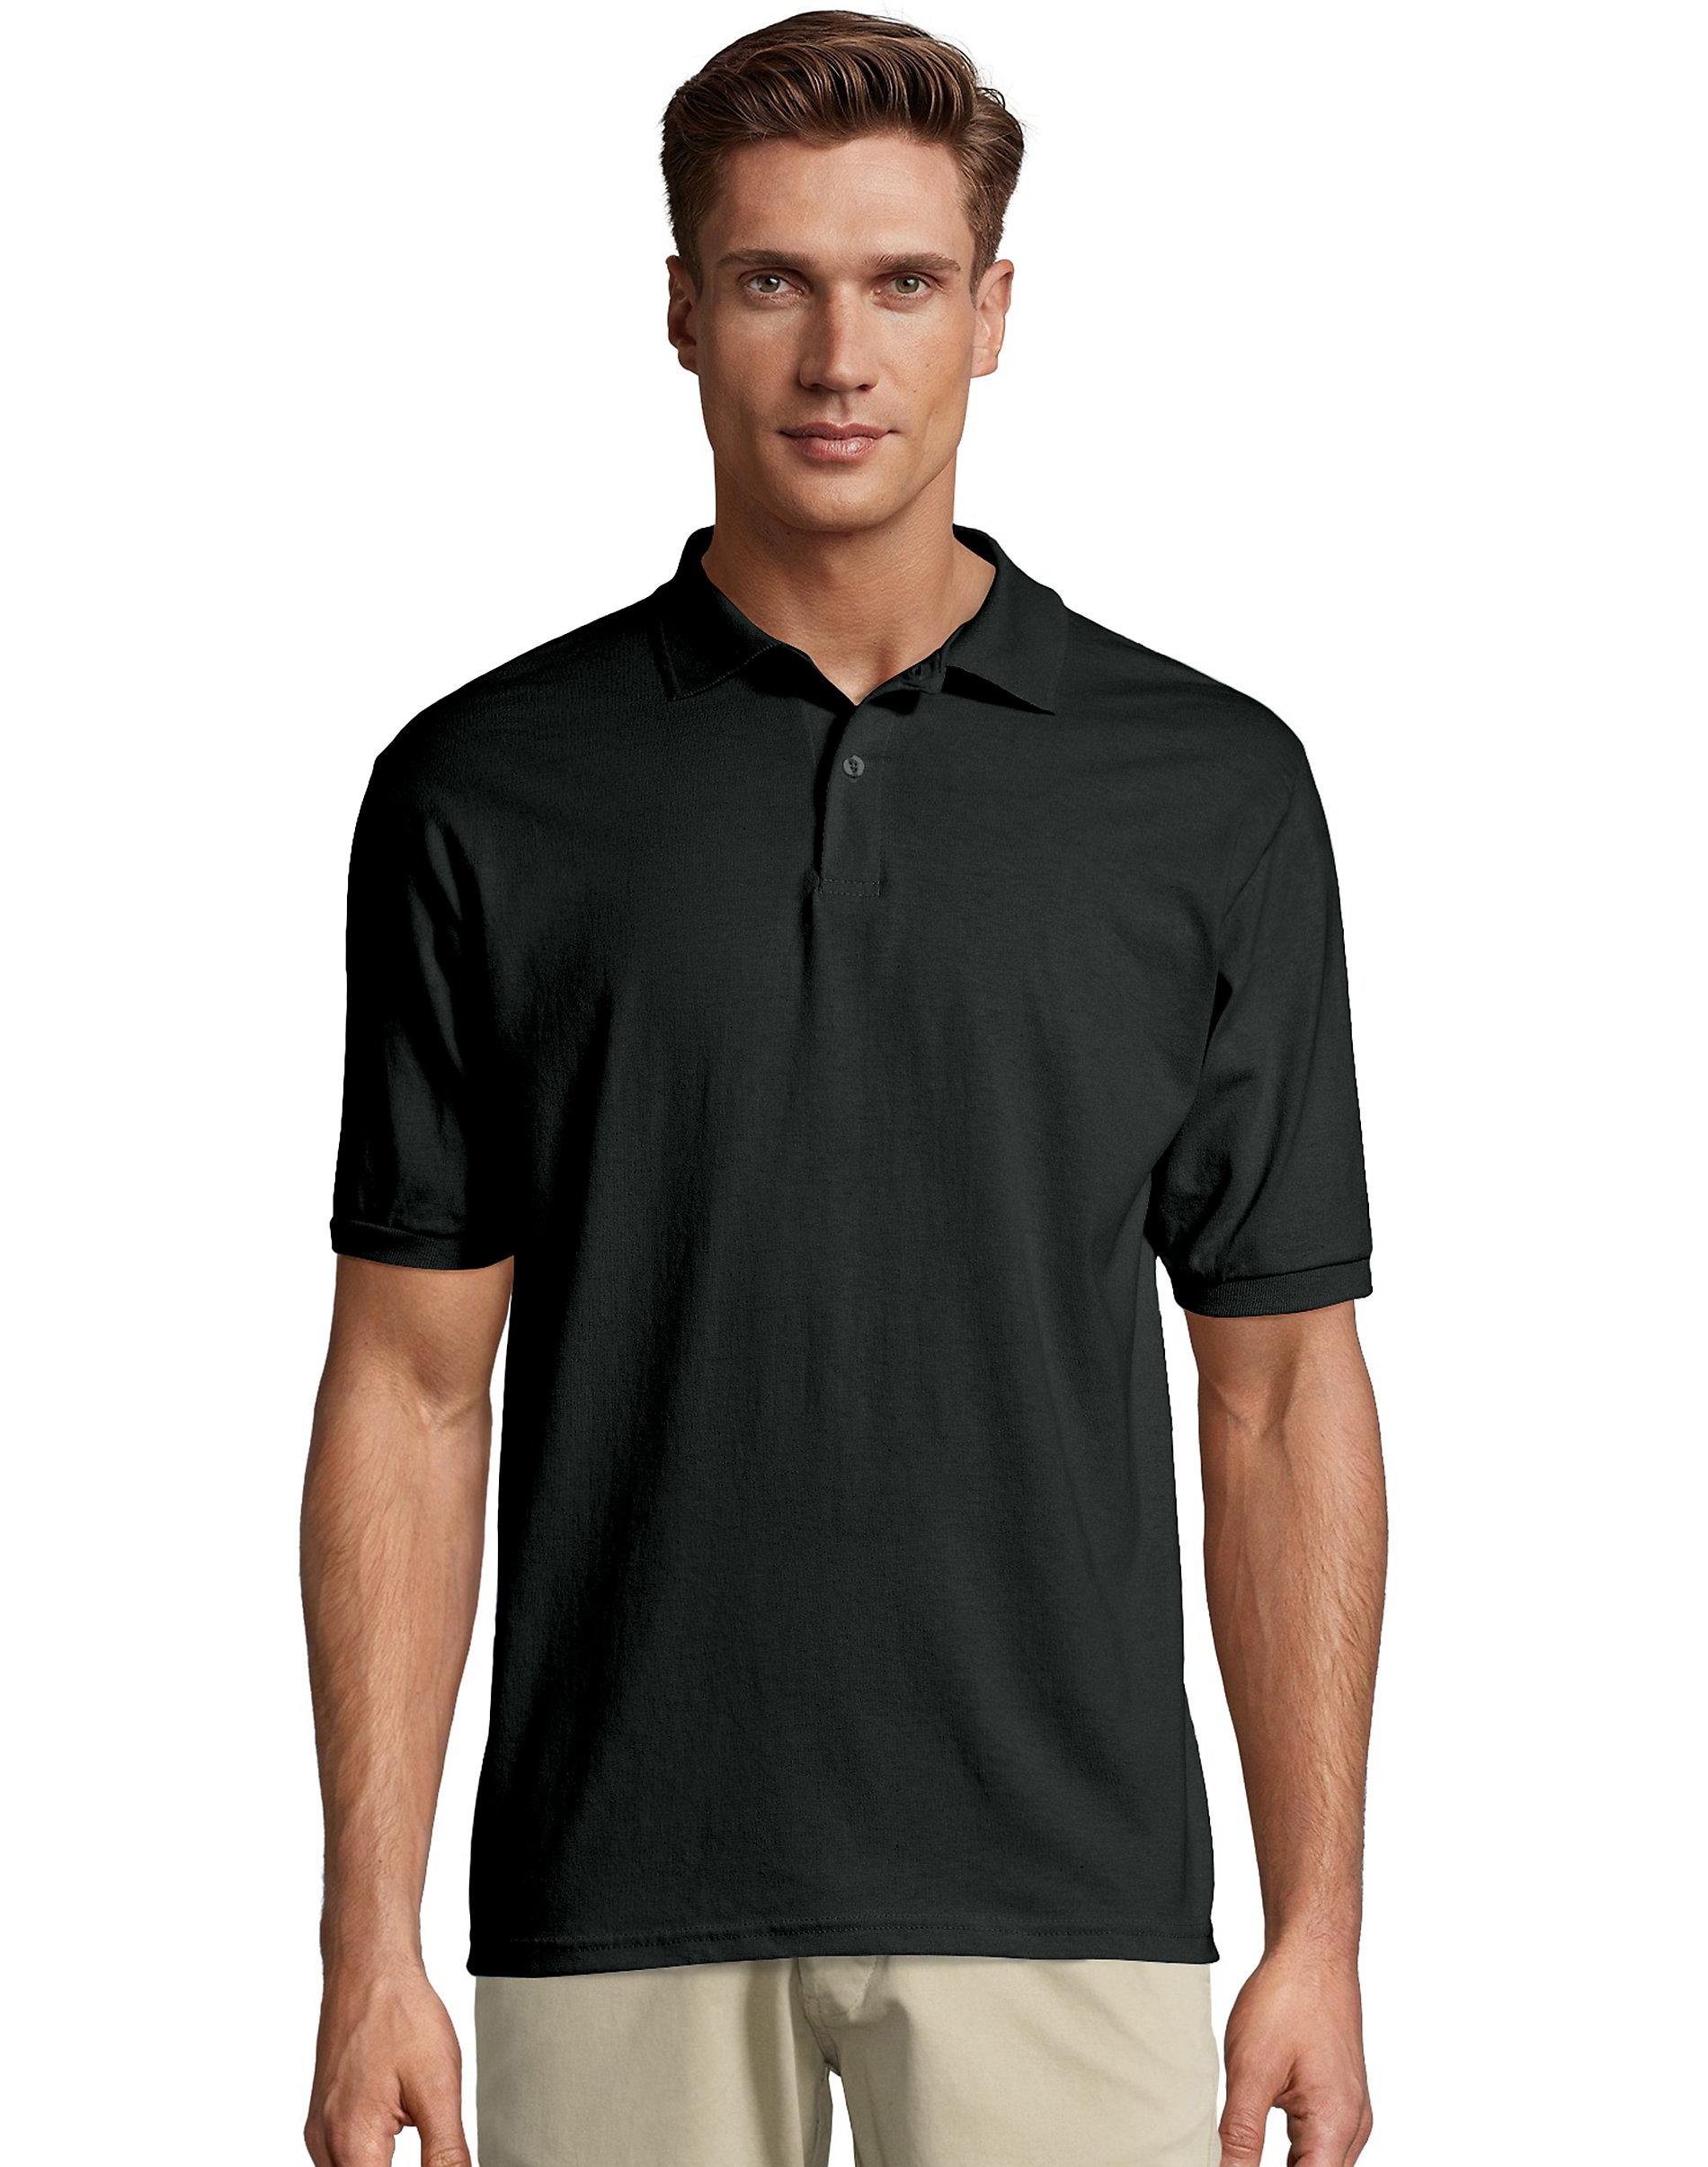 Hanes Golf Tee Men's Polo Shirt